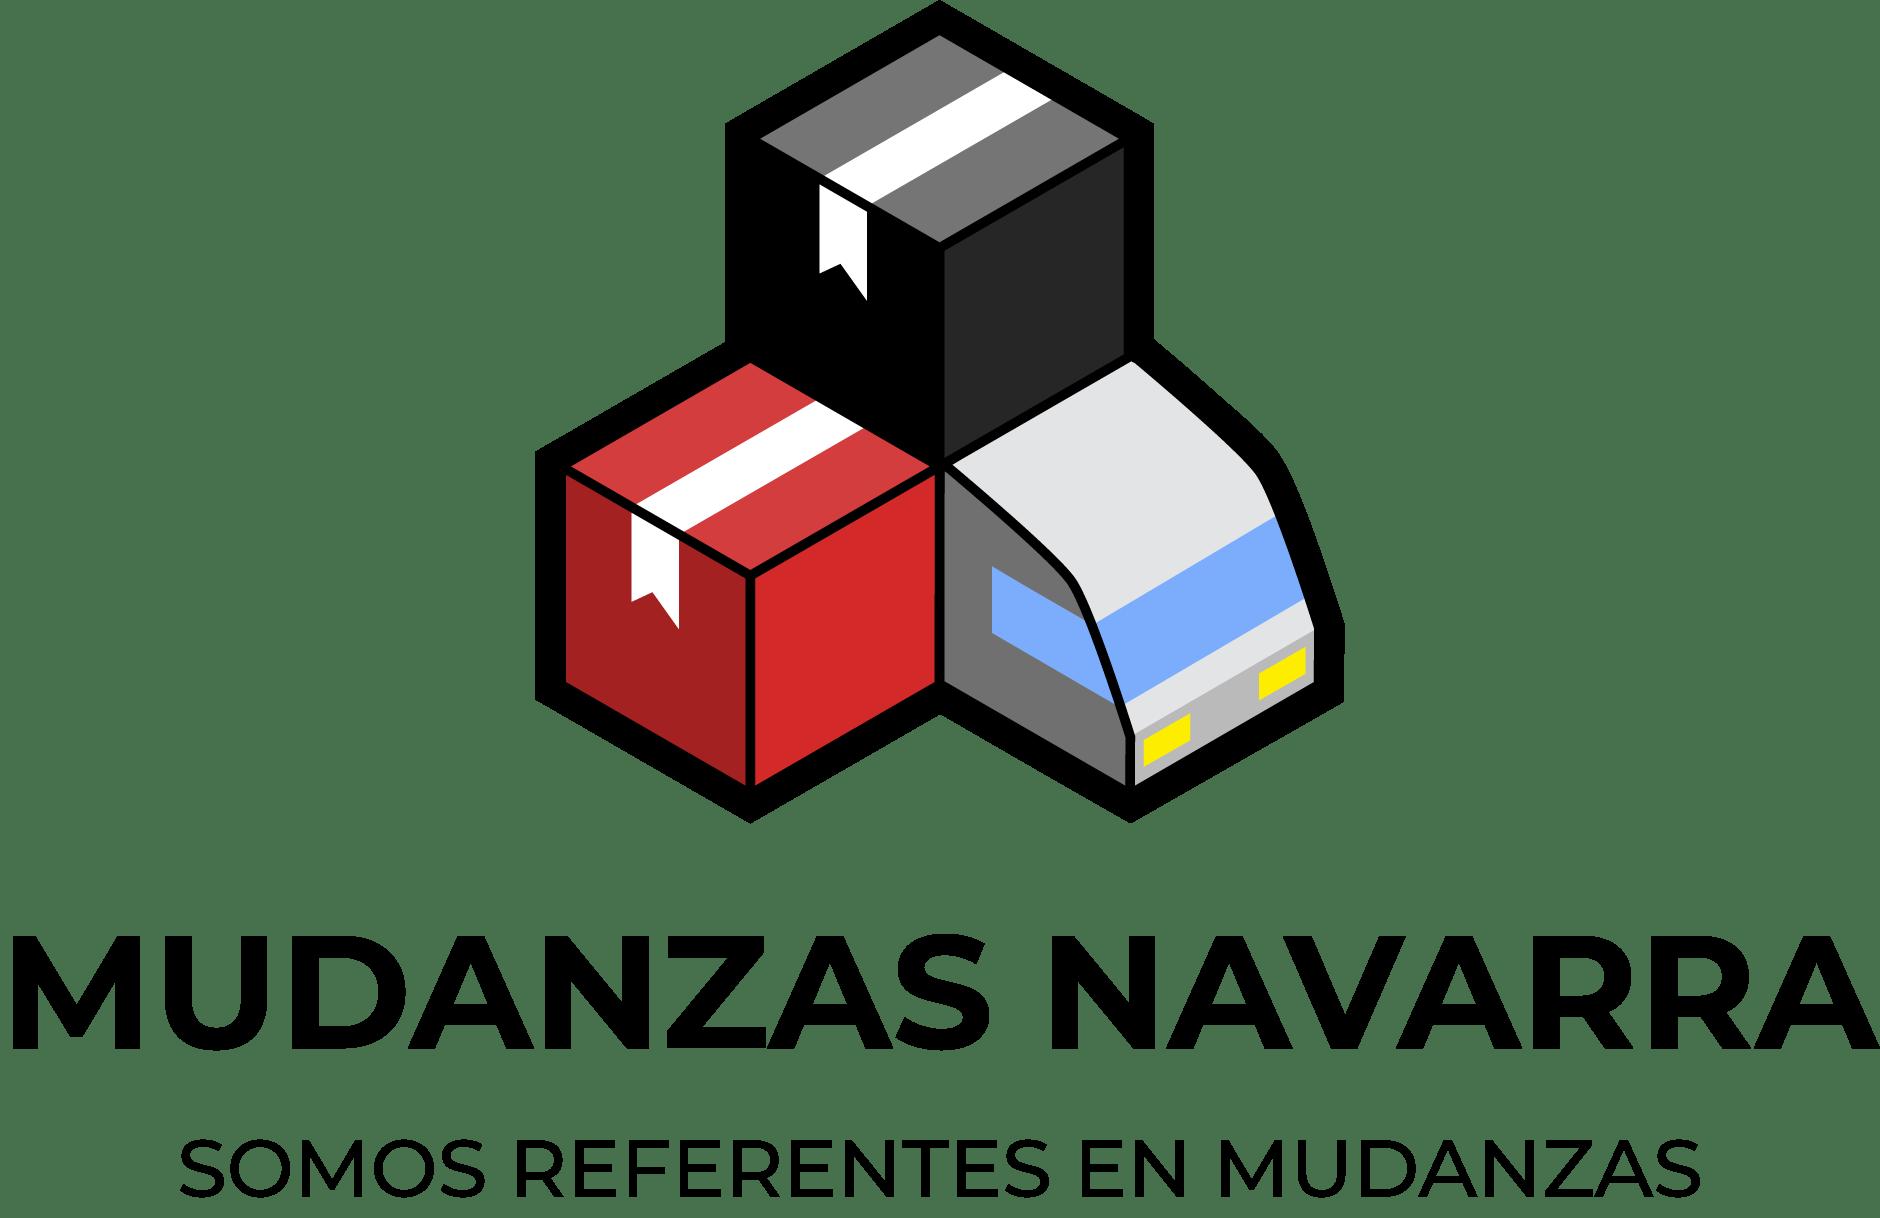 MUDANZAS NAVARRA